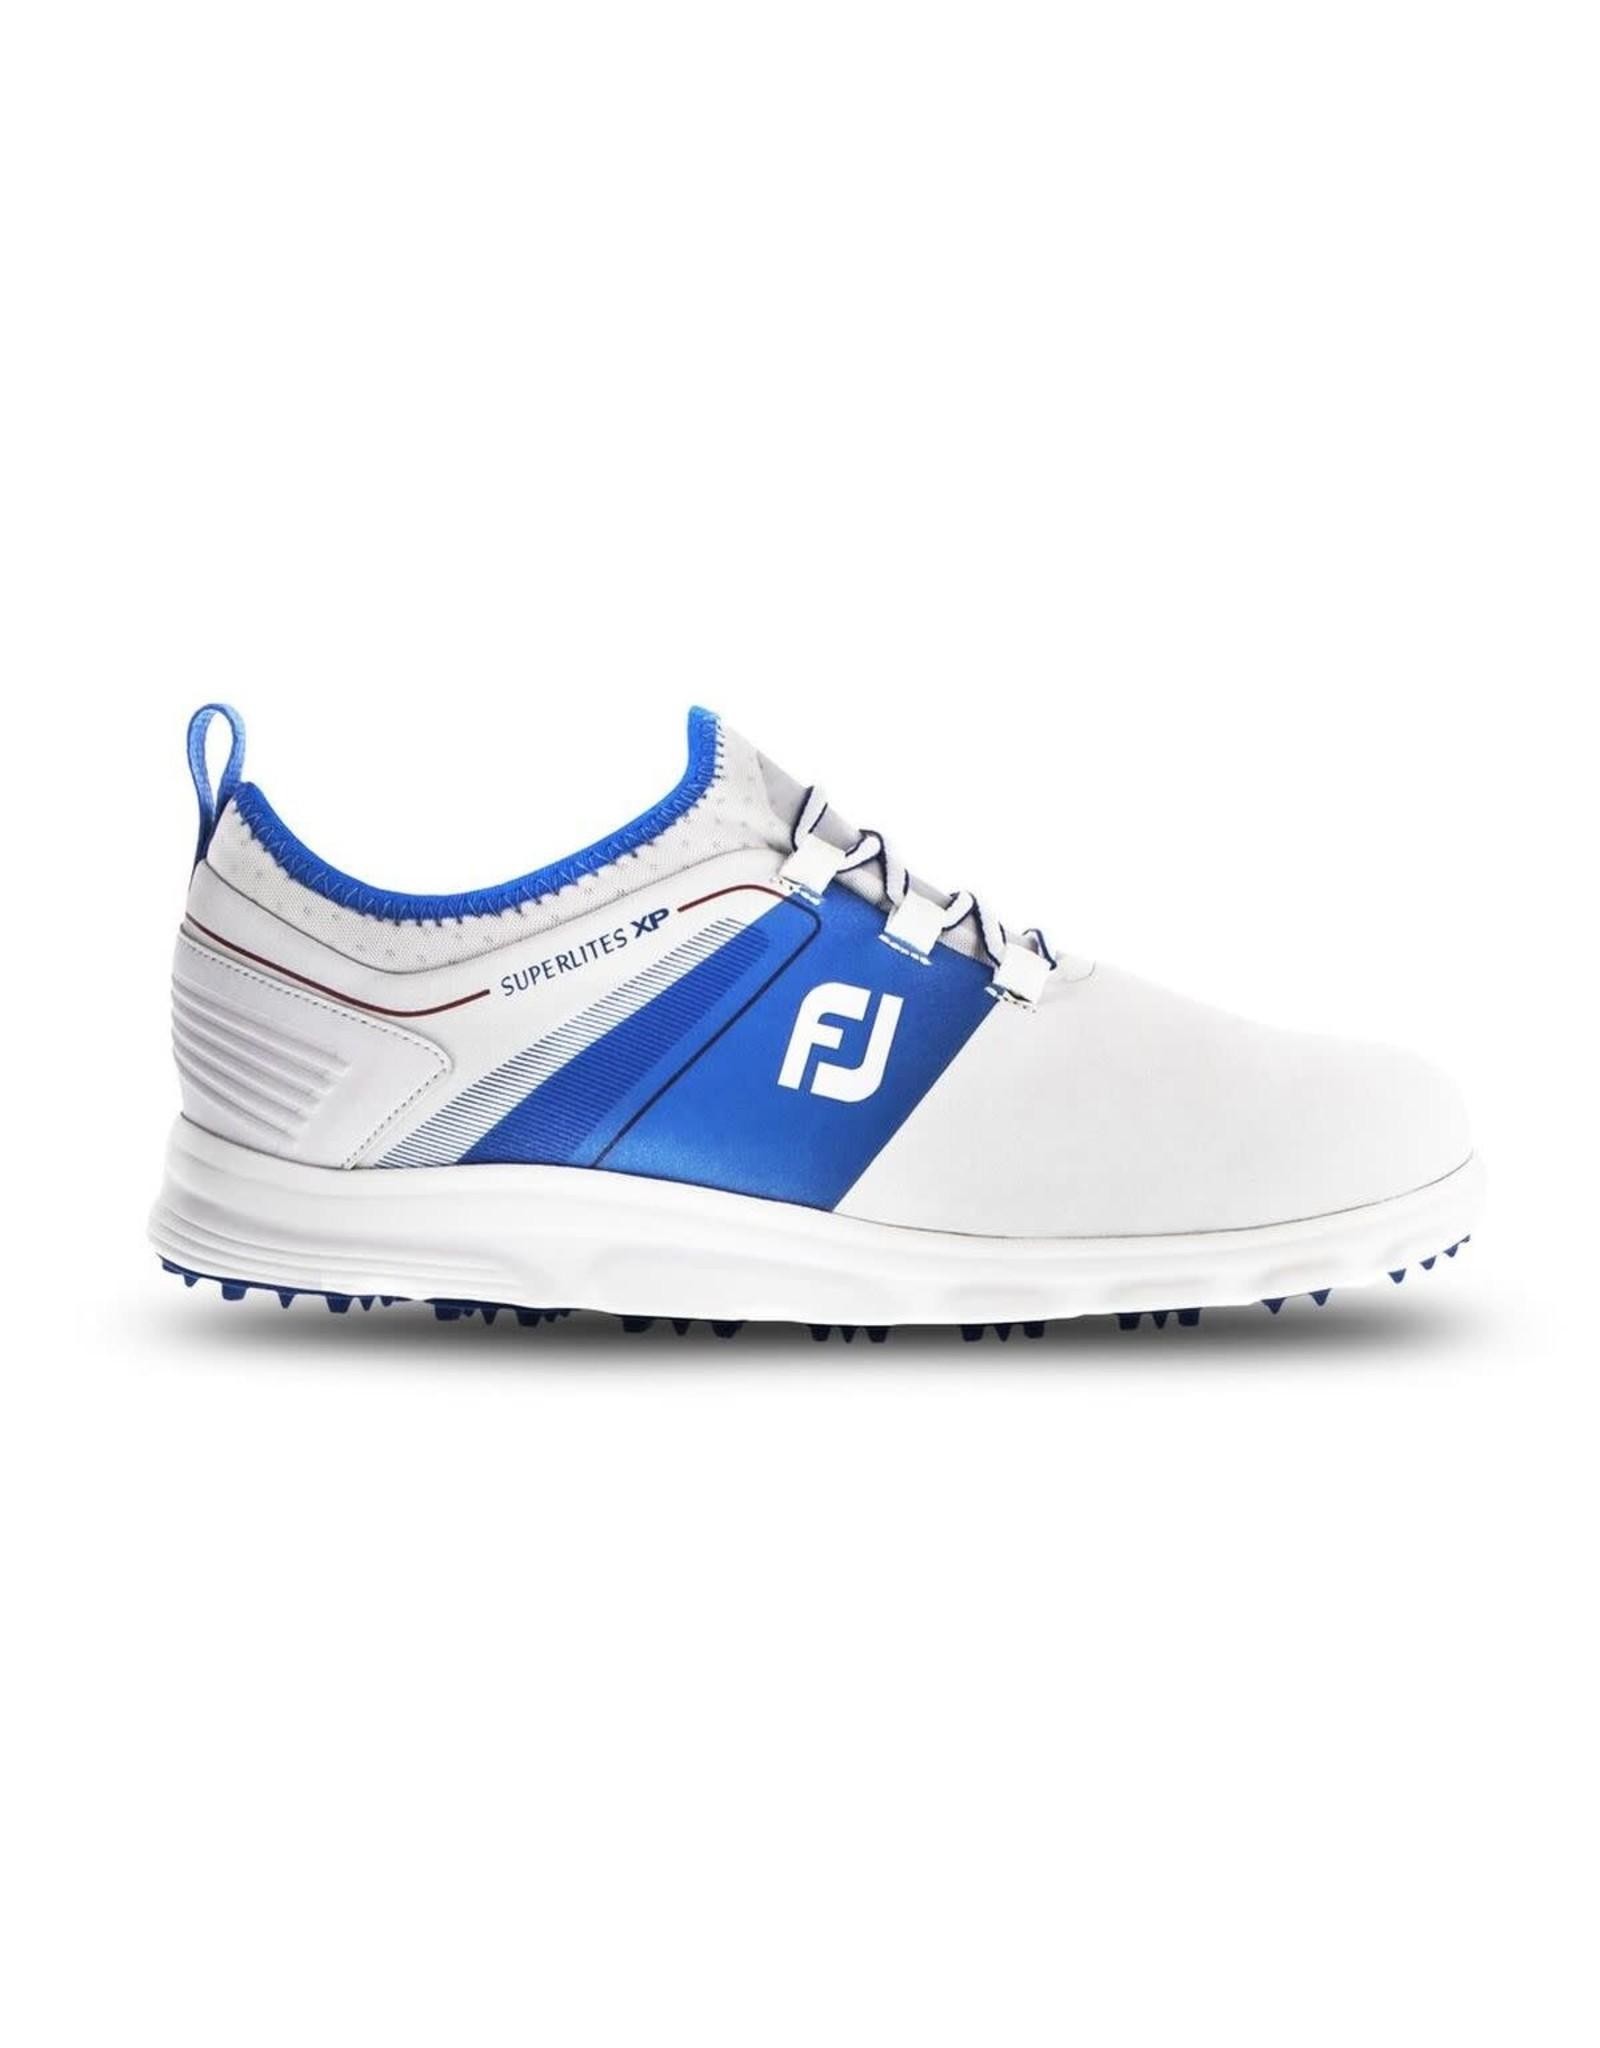 FJ FJ Superlite XP Shoes